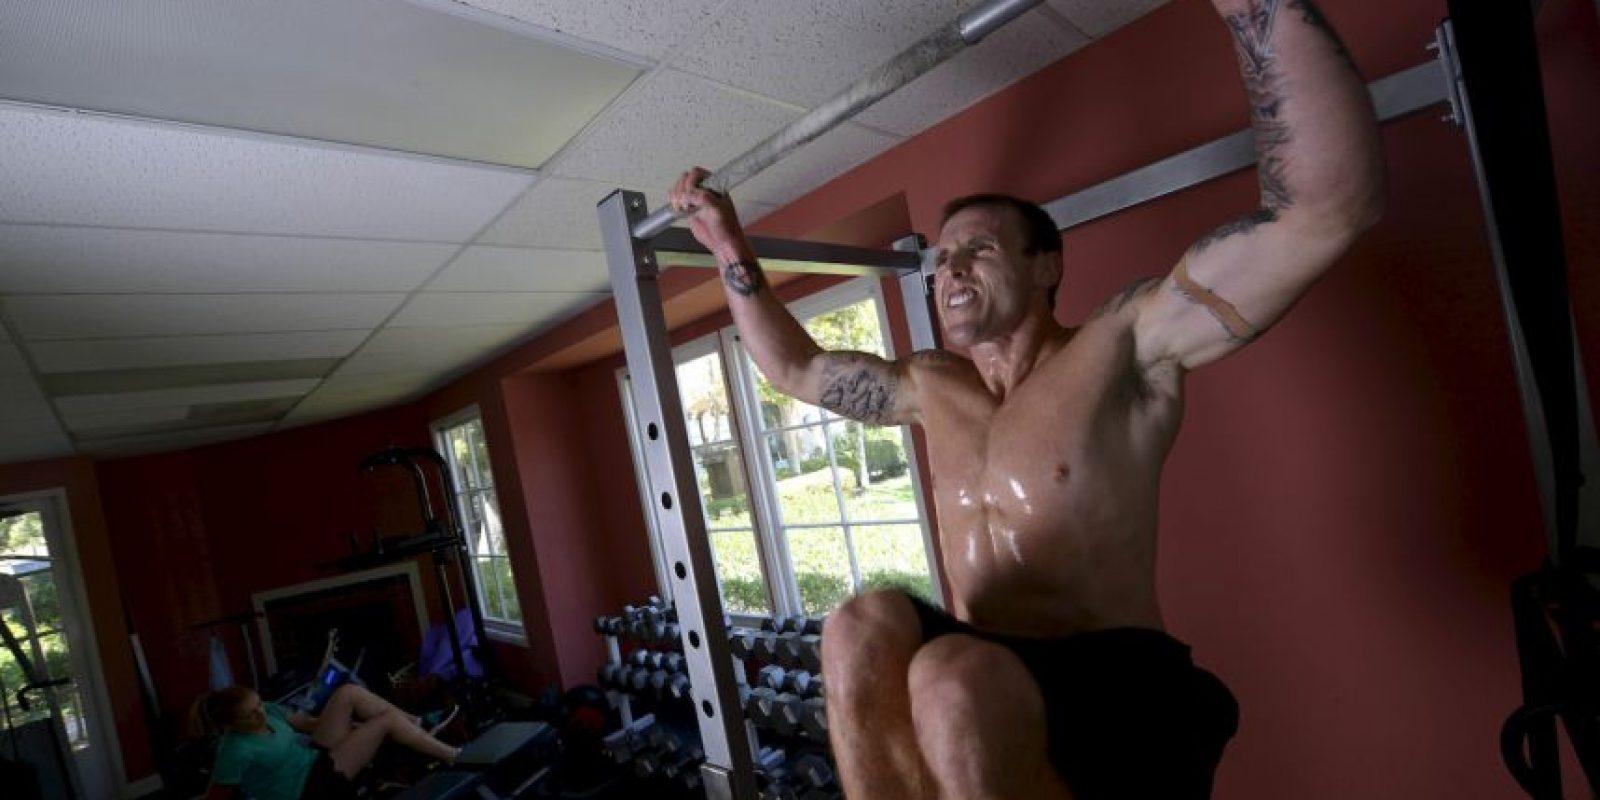 Gracias al estiramiento eliminamos ácido láctico, una sustancia que se libera en nuestro cuerpo mientras trabajamos los músculos para darnos energía, realizarlo de manera adecuada ayuda a eliminar el dolor o hacerlo imperceptible, además contribuye a un mejor aprovechamiento de la actividad física. Foto:Getty Images